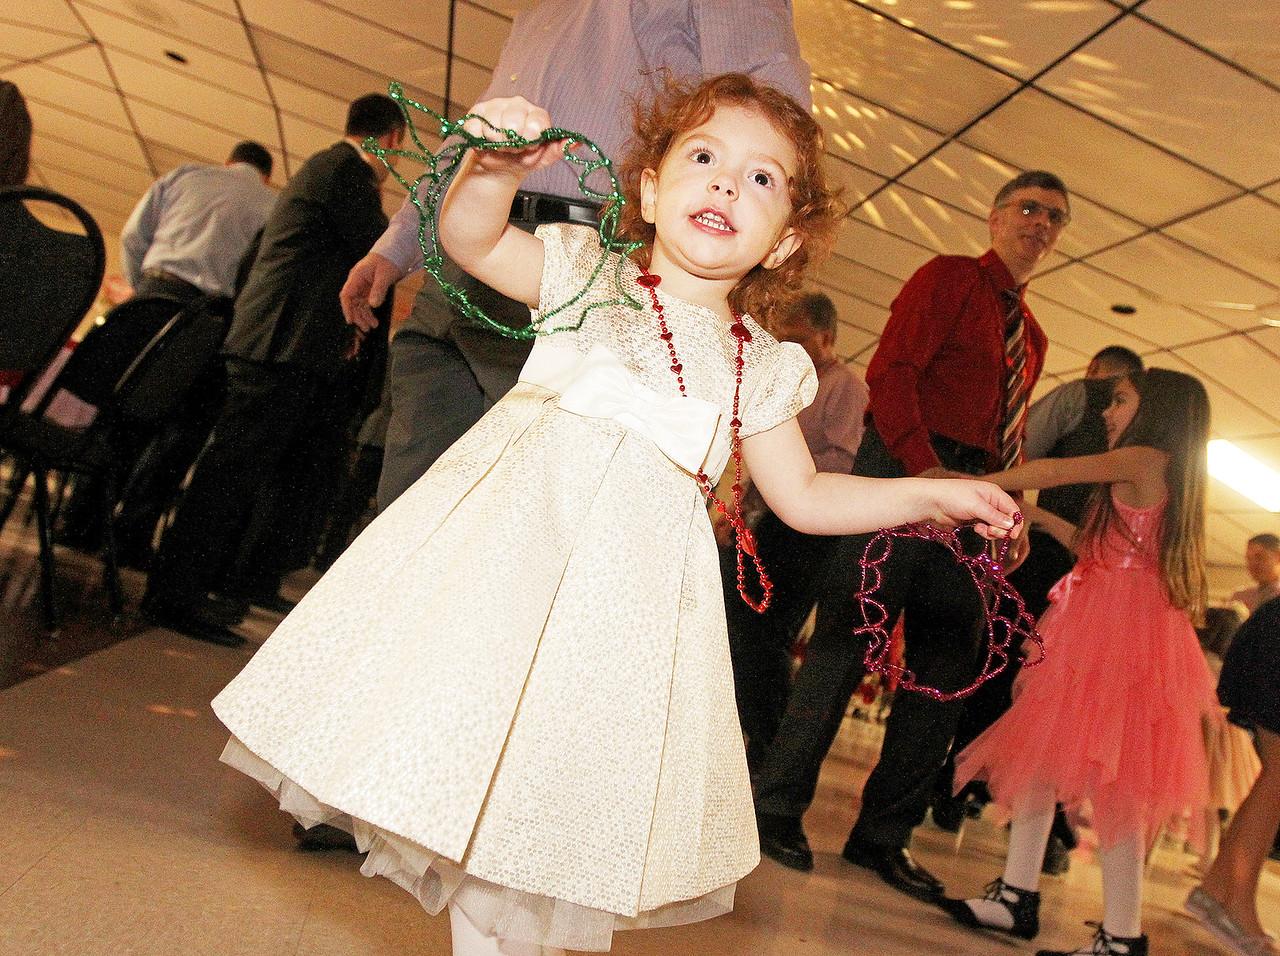 LCJ_0216_Daddy_Daughter_DanceF